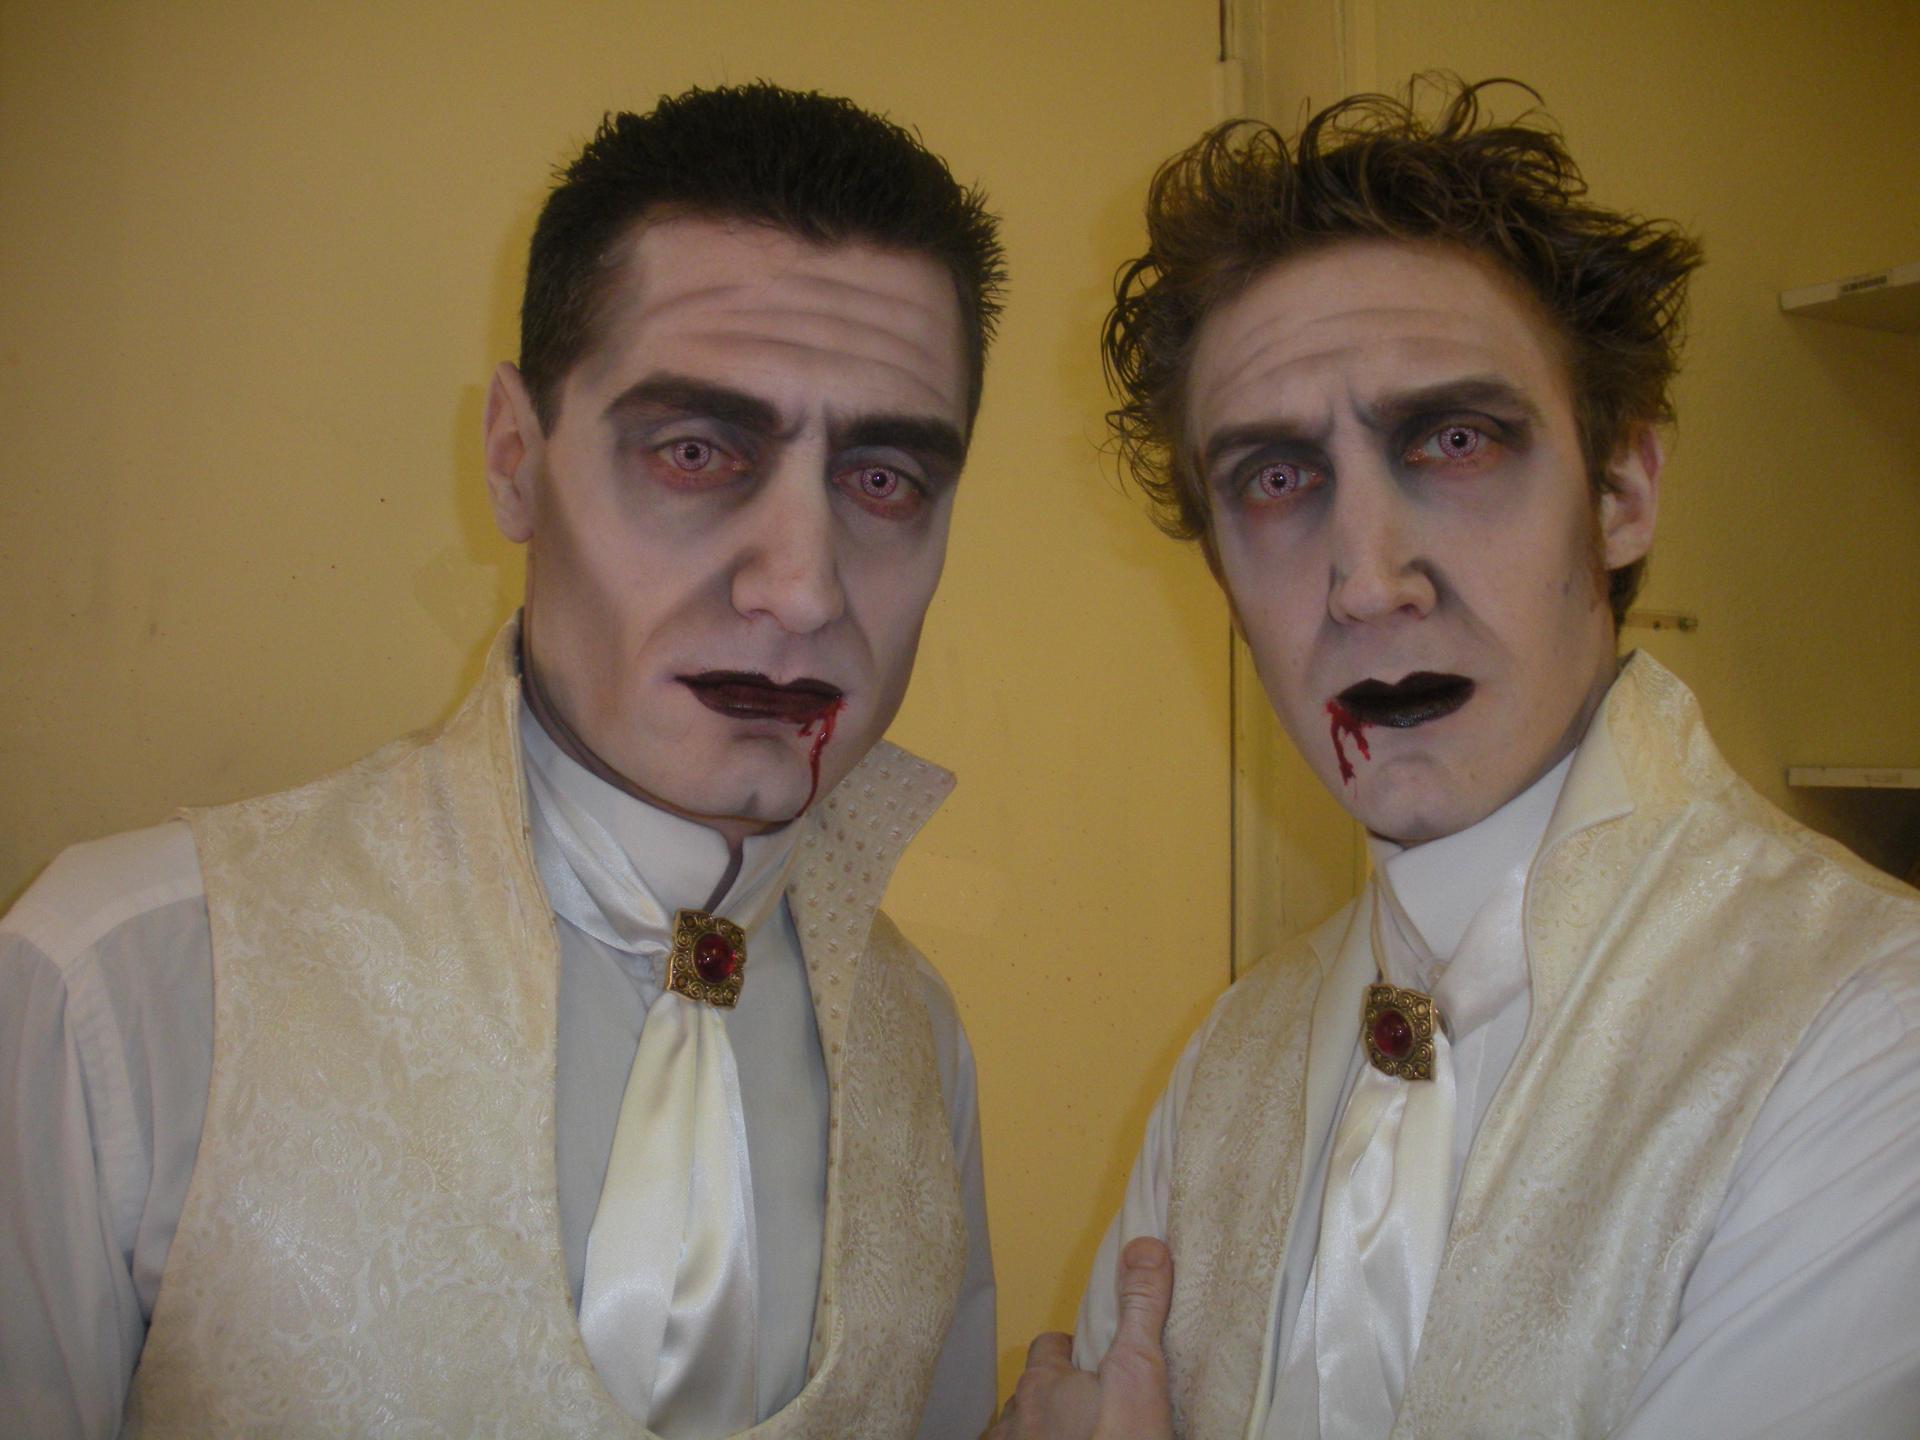 Maquillage Professionnel Effets Sp Ciaux Sc Niques Pour Halloween